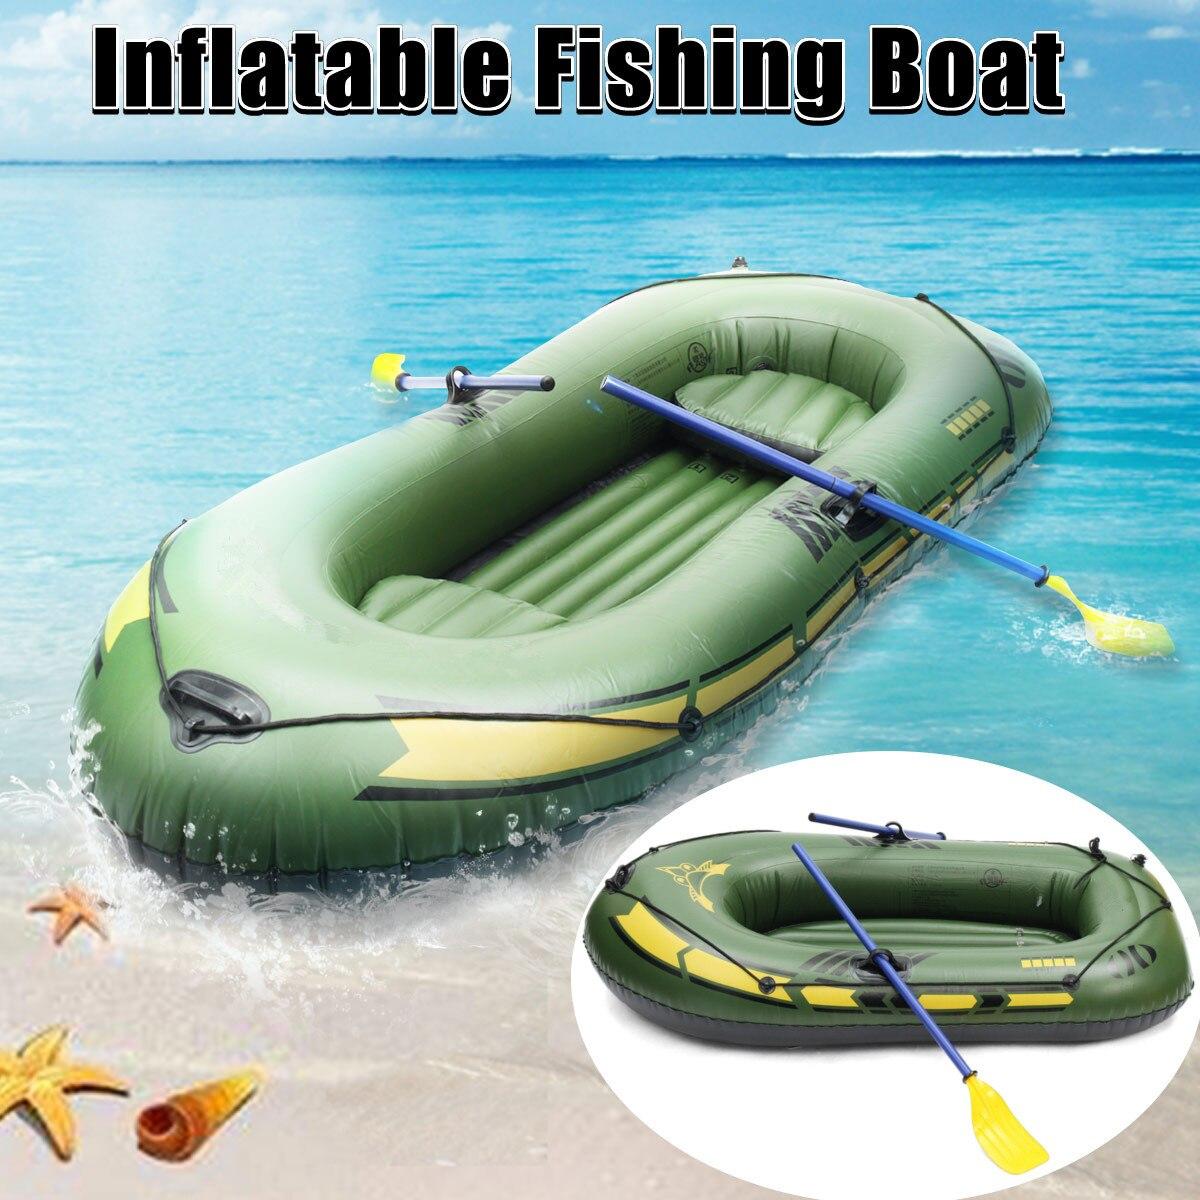 Sports 2/3 personne épaississement PVC bateau gonflable radeau rivière lac dériveur bateau pompe bateau de pêche avec rames ensemble charge